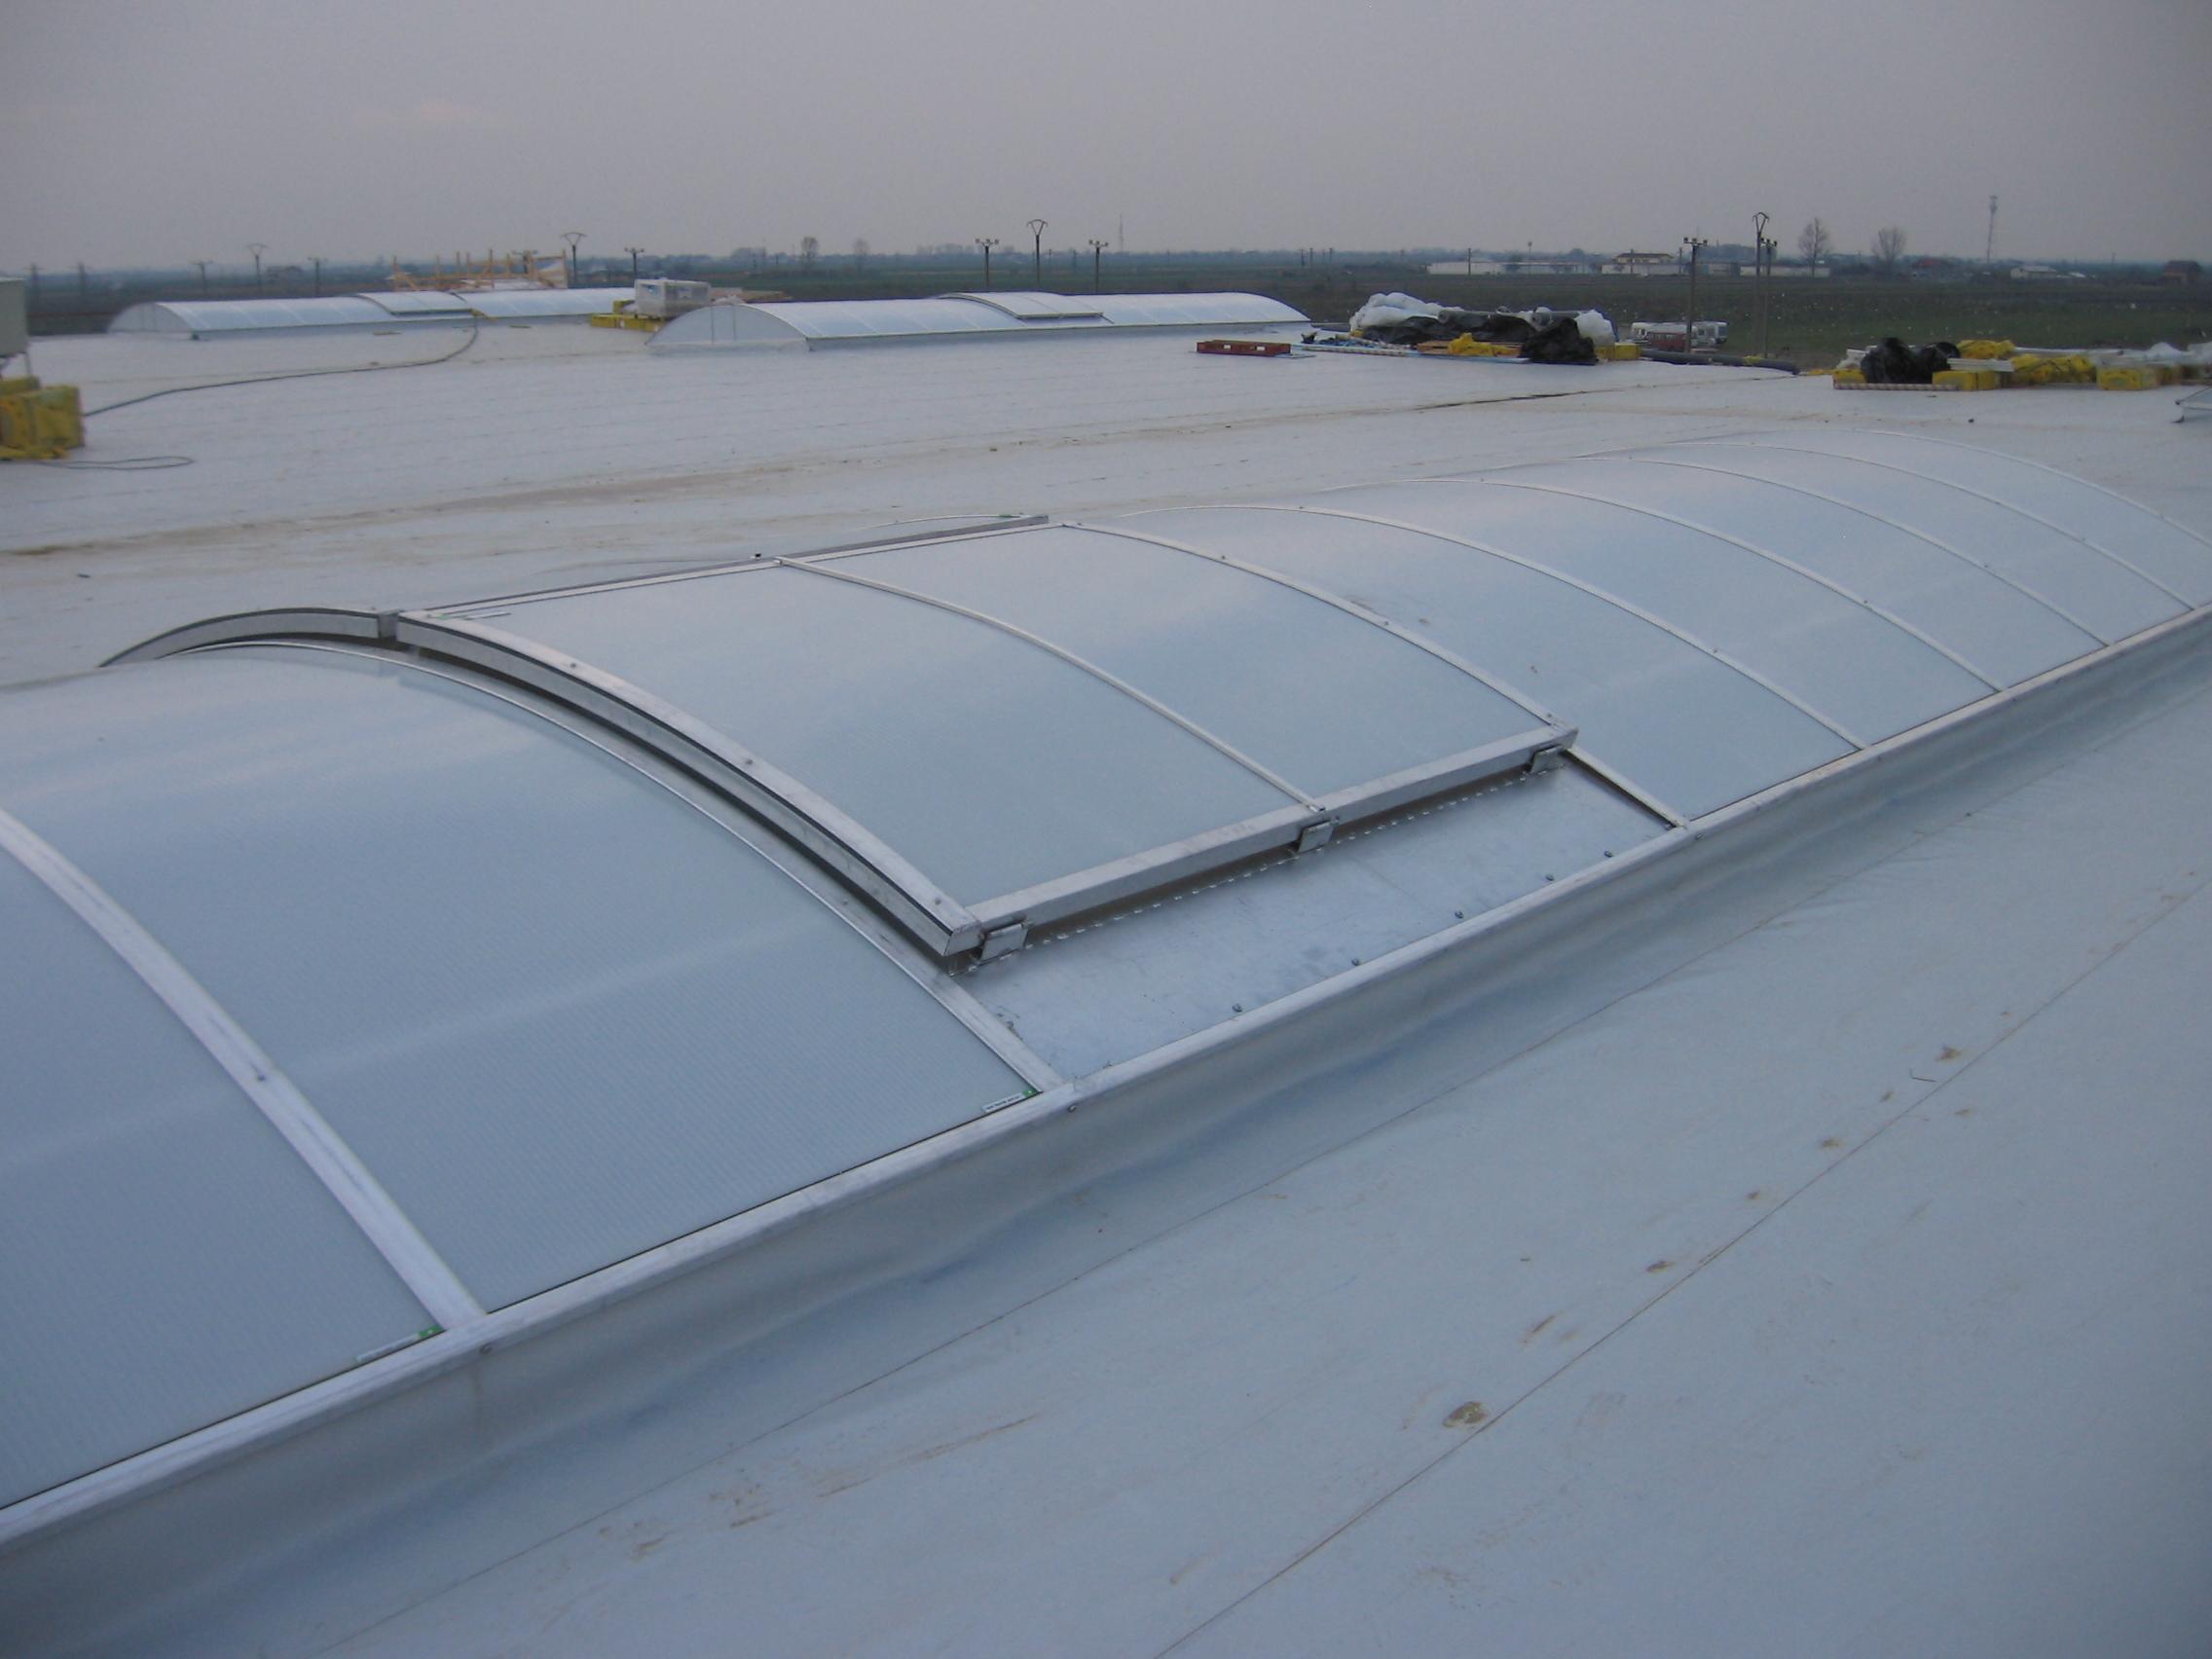 Luminatoare industriale - Spatiu comercial Carrefour - Focsani HEXADOME - Poza 2